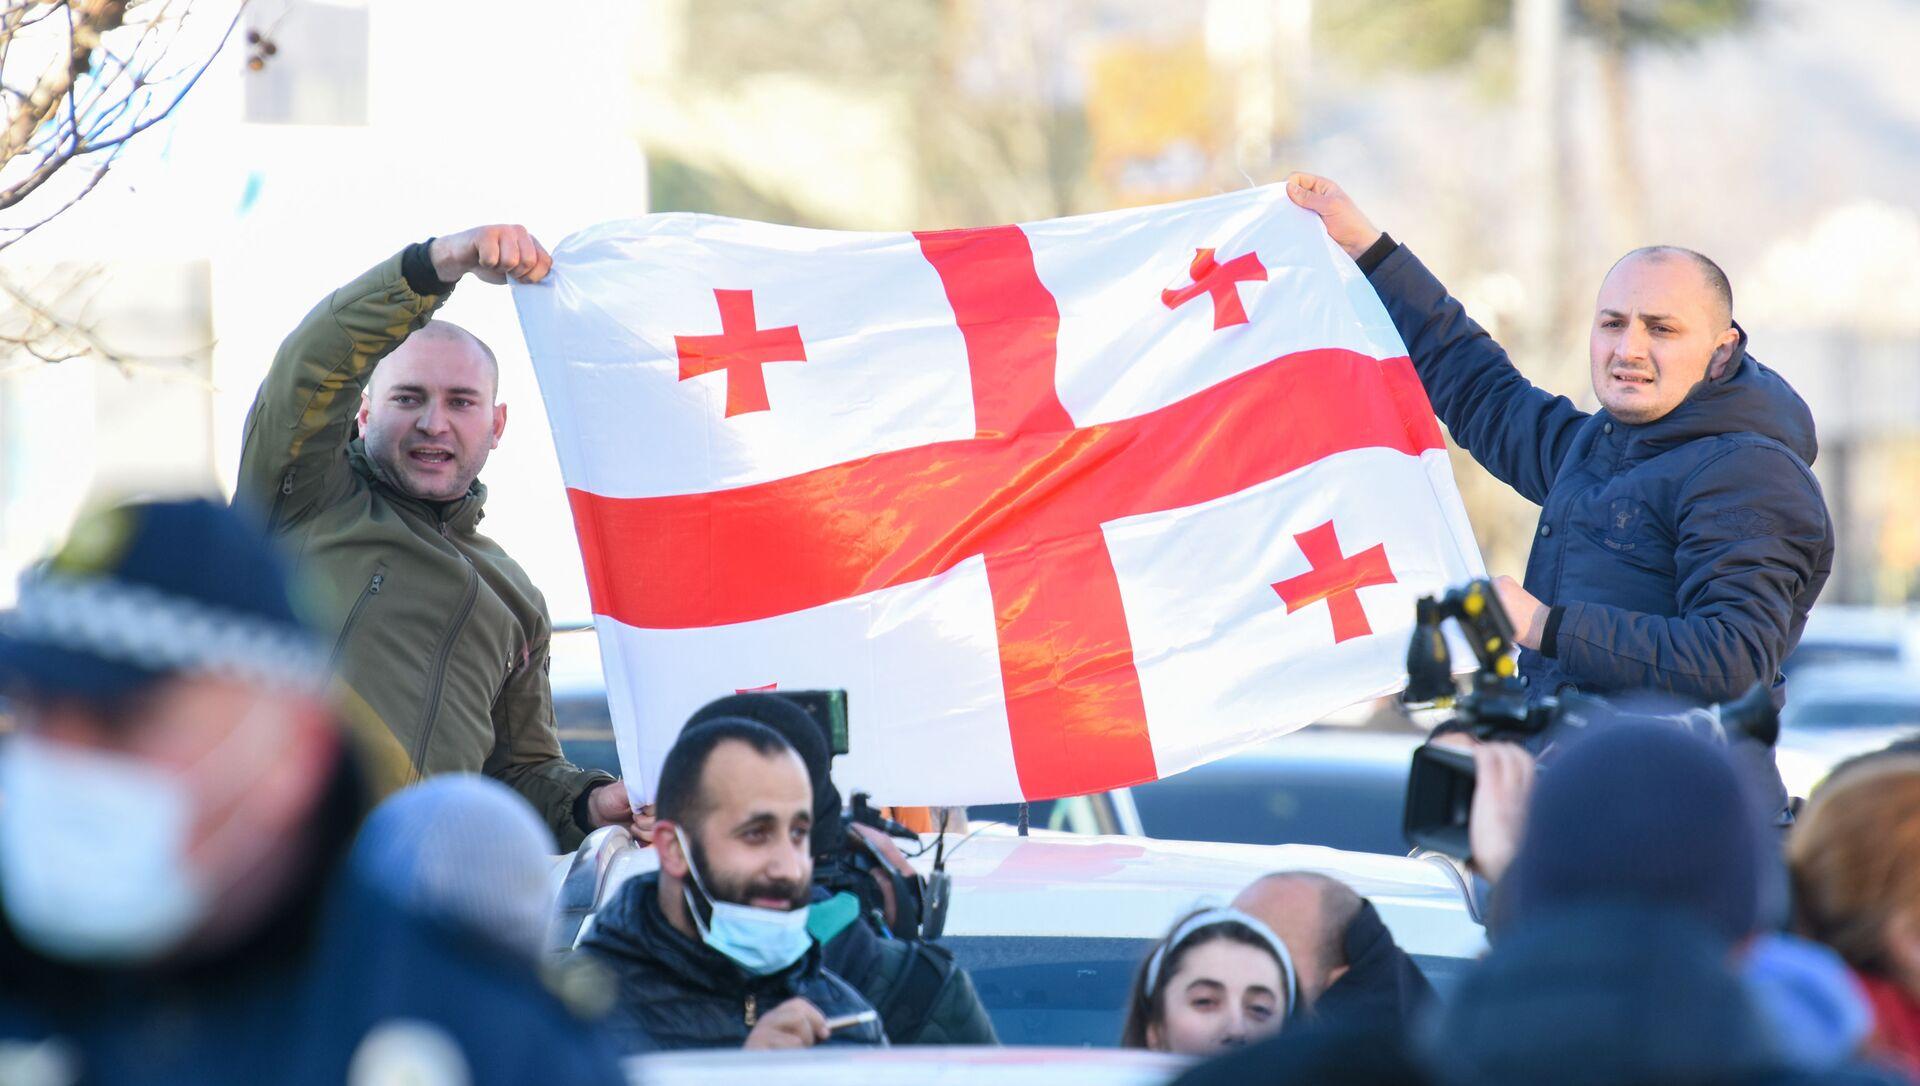 Акция протеста в Тбилиси - Sputnik Беларусь, 1920, 27.02.2021